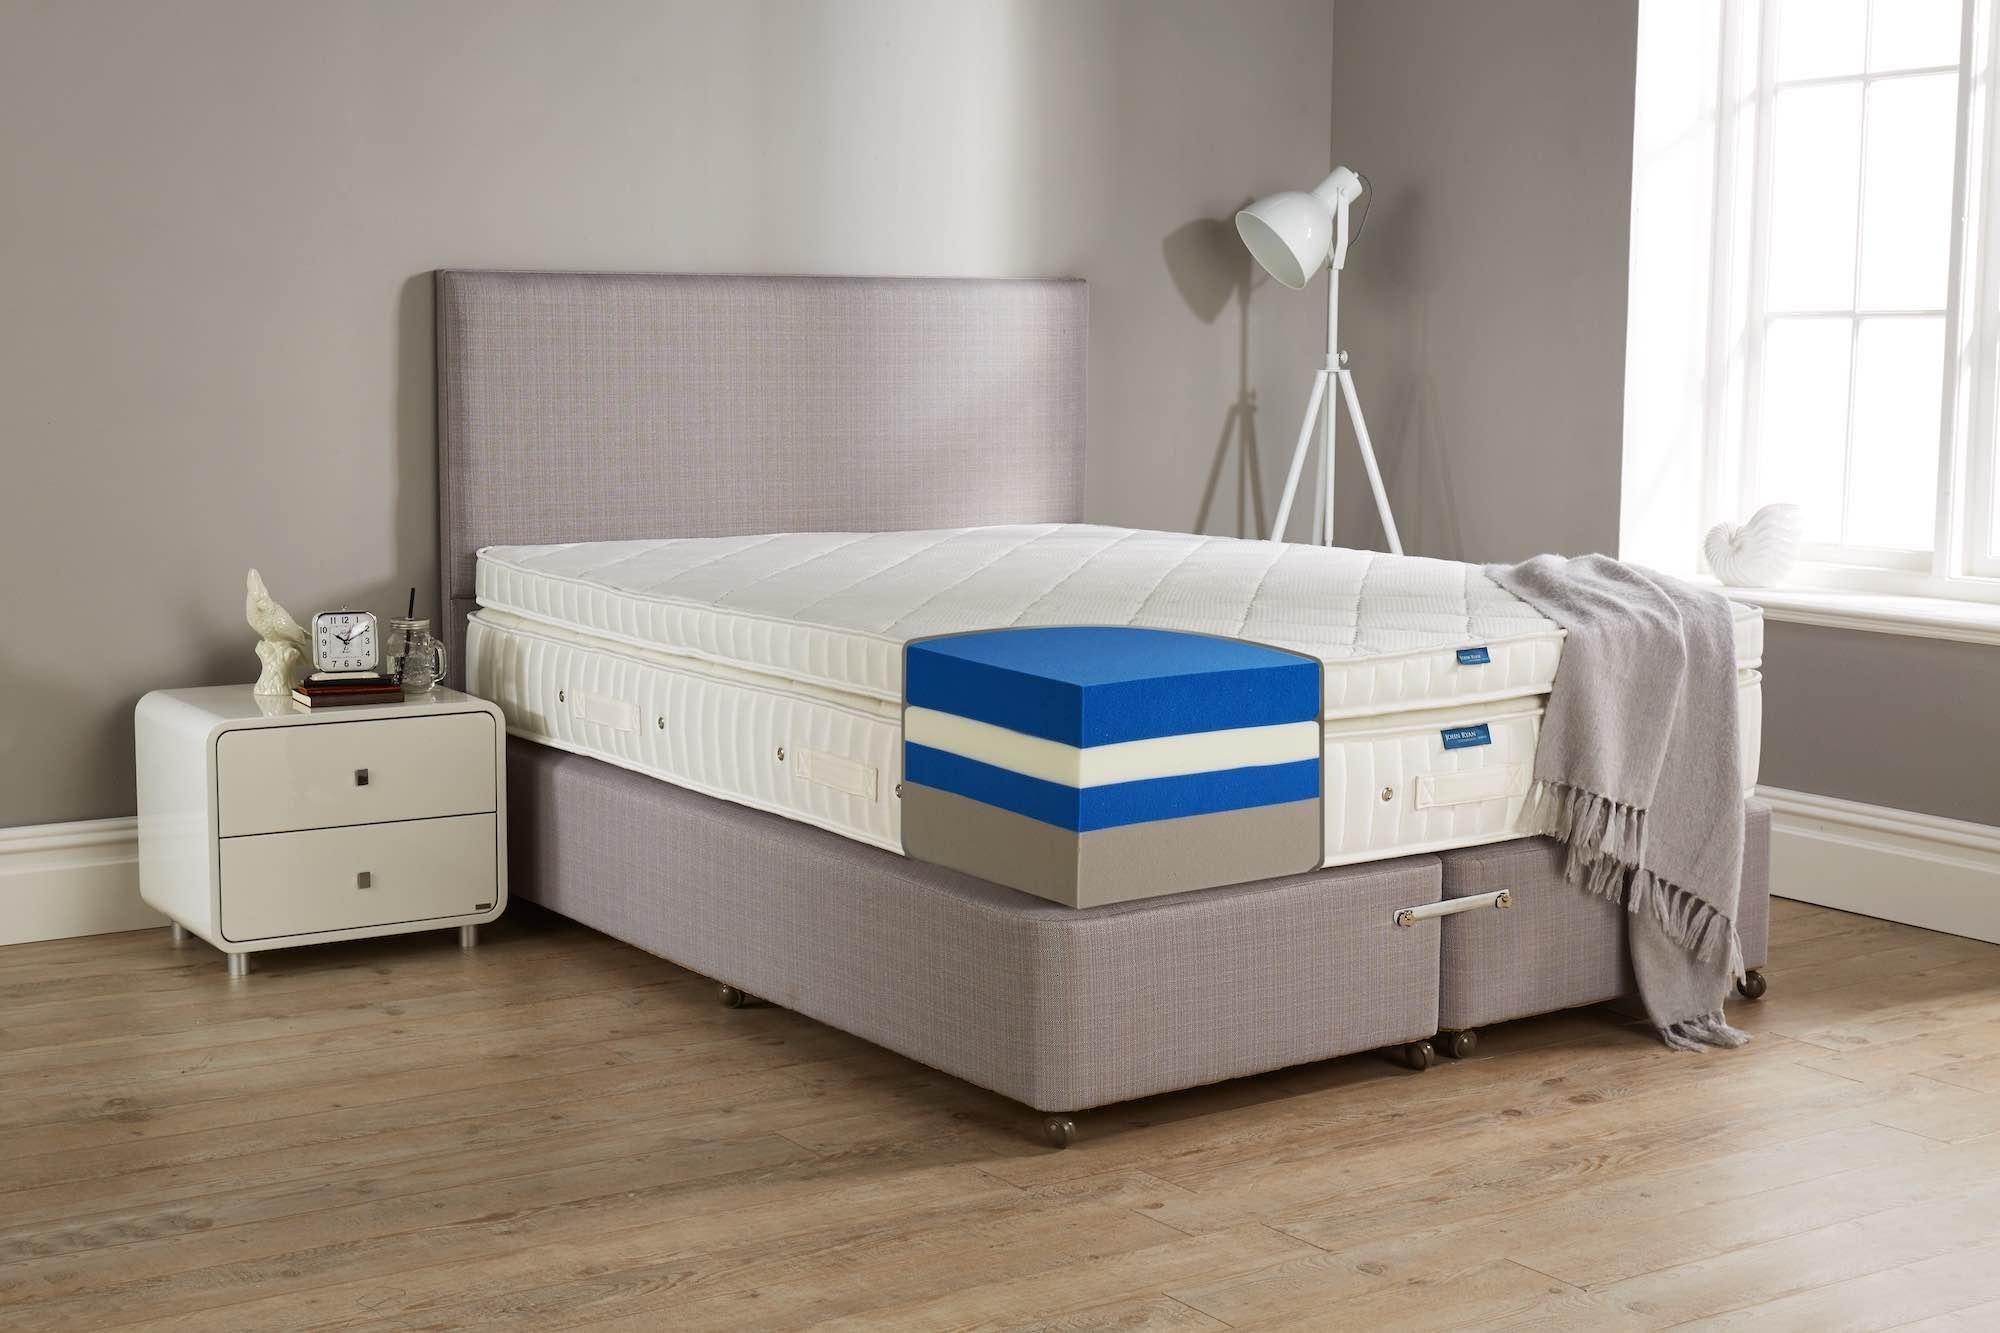 A hybrid foam mattress